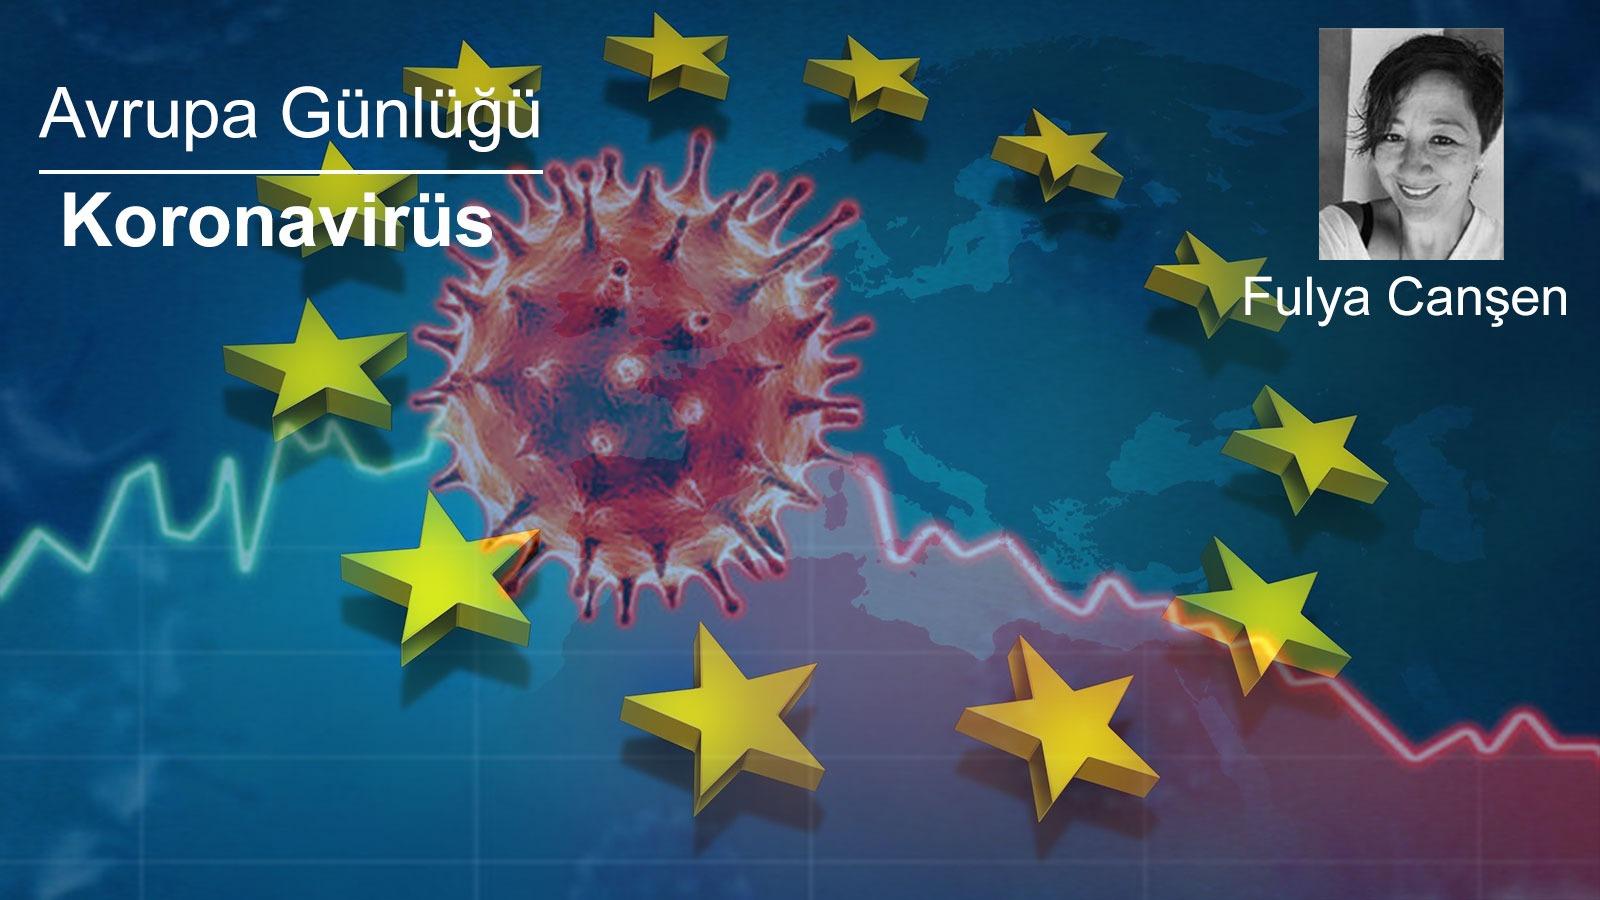 Koronavirüs aşısına erişim rekabeti; hangi ülke ne kadar ısmarladı?